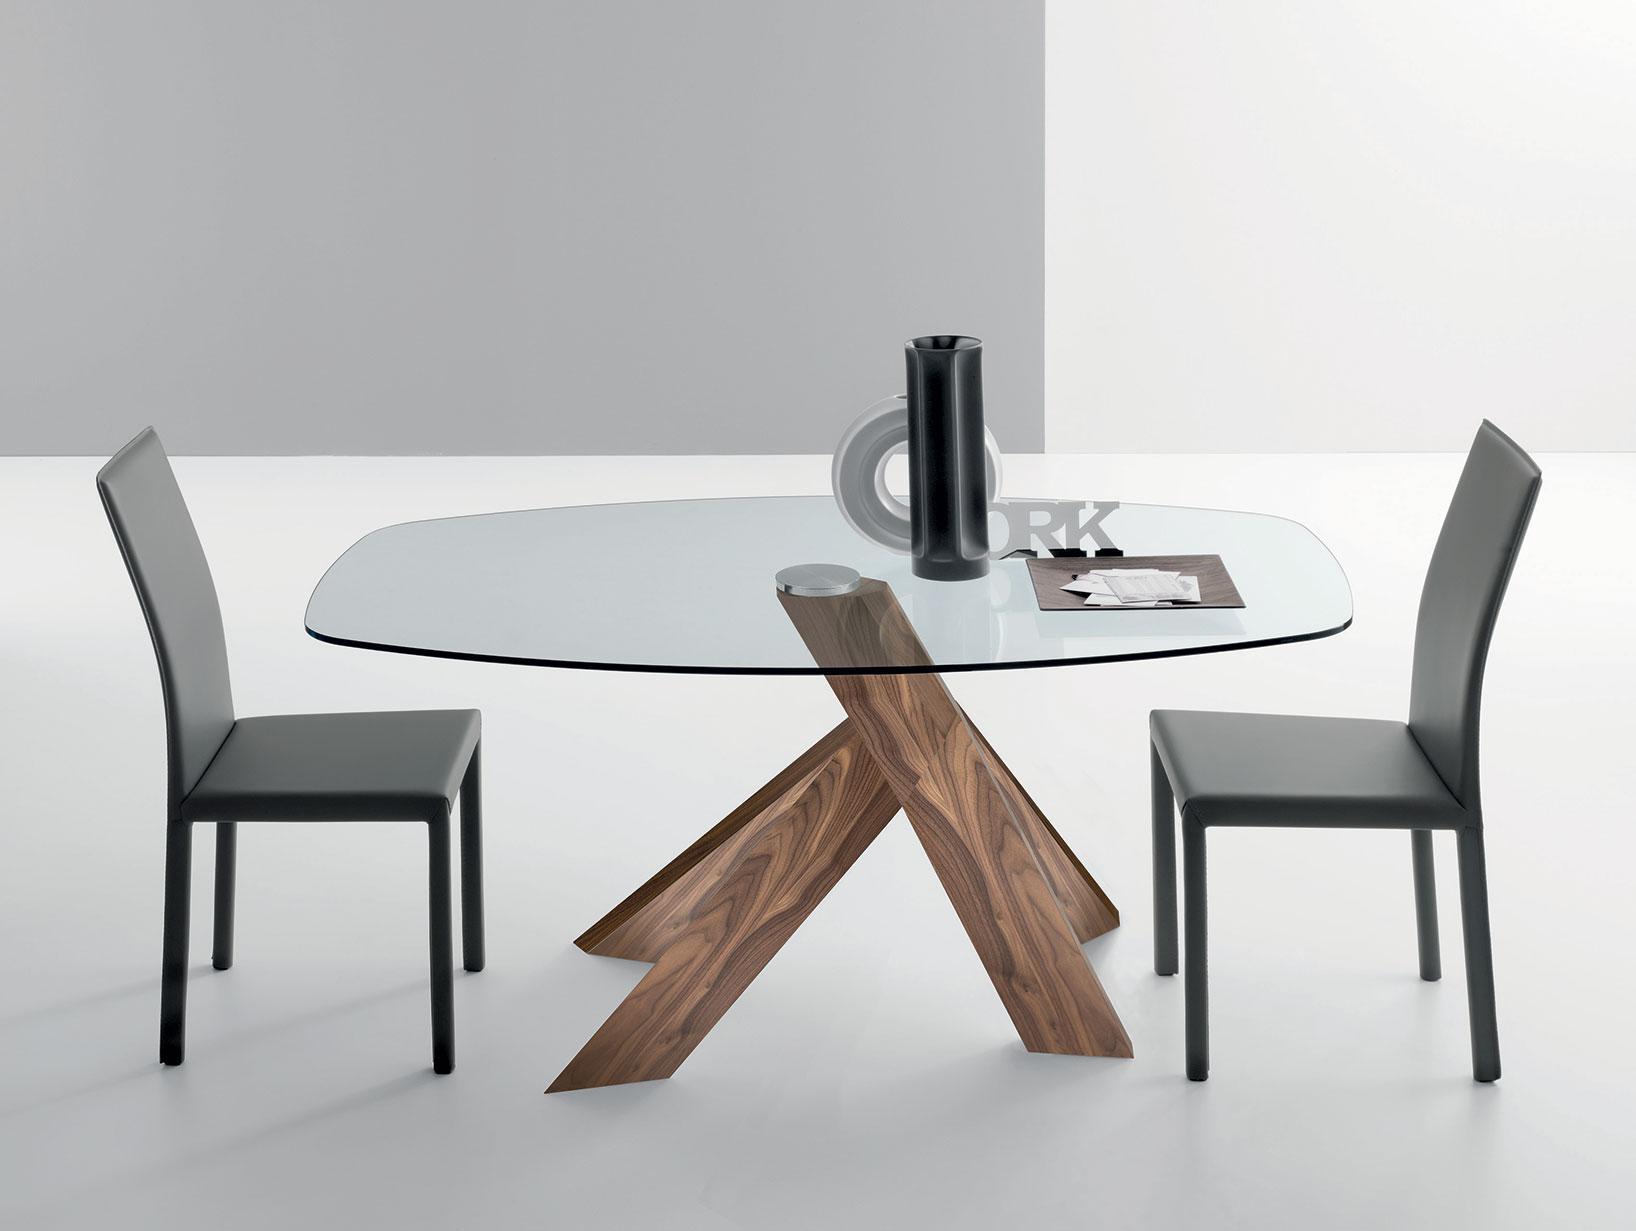 Elipse tavolo ovale fisso in noce canaletto e vetro - Italy Dream Design